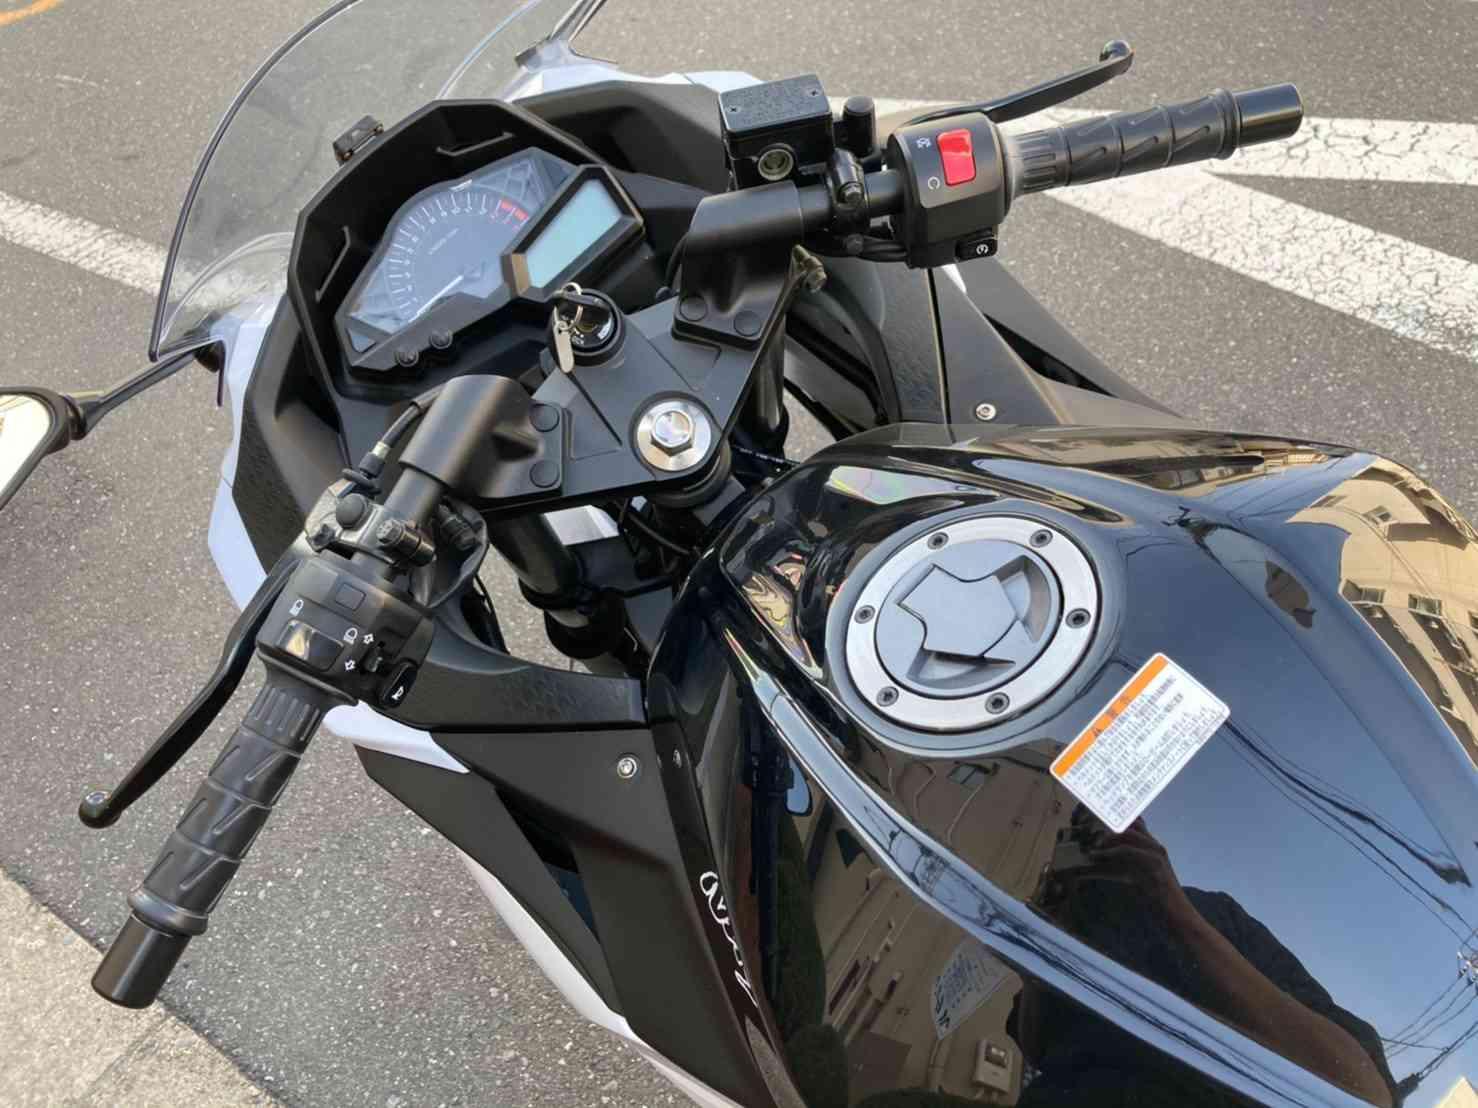 レンタルバイク【ニンジャ250】ハンドル周り画像